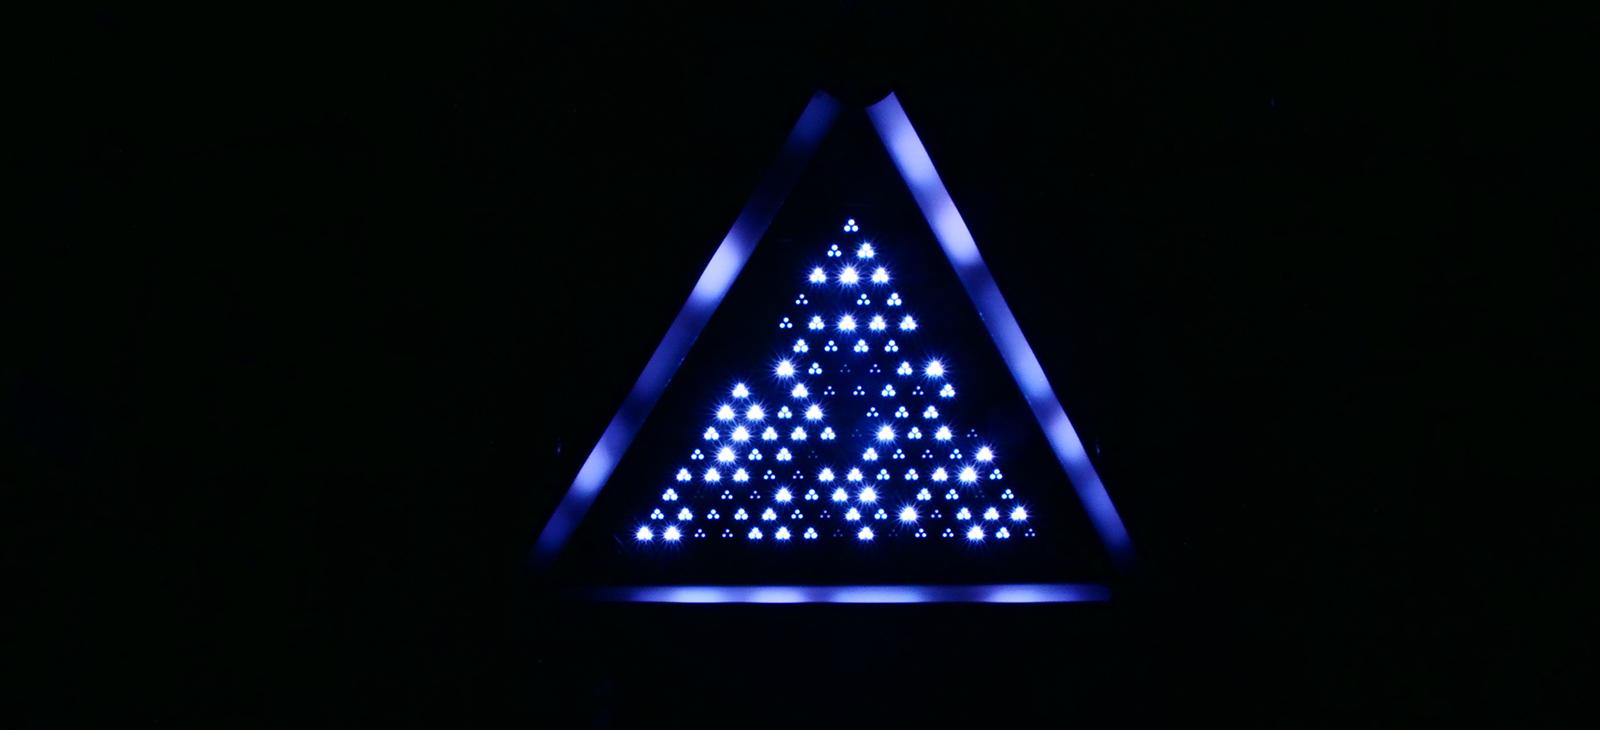 Kinetic LED Triangle Light    (1)